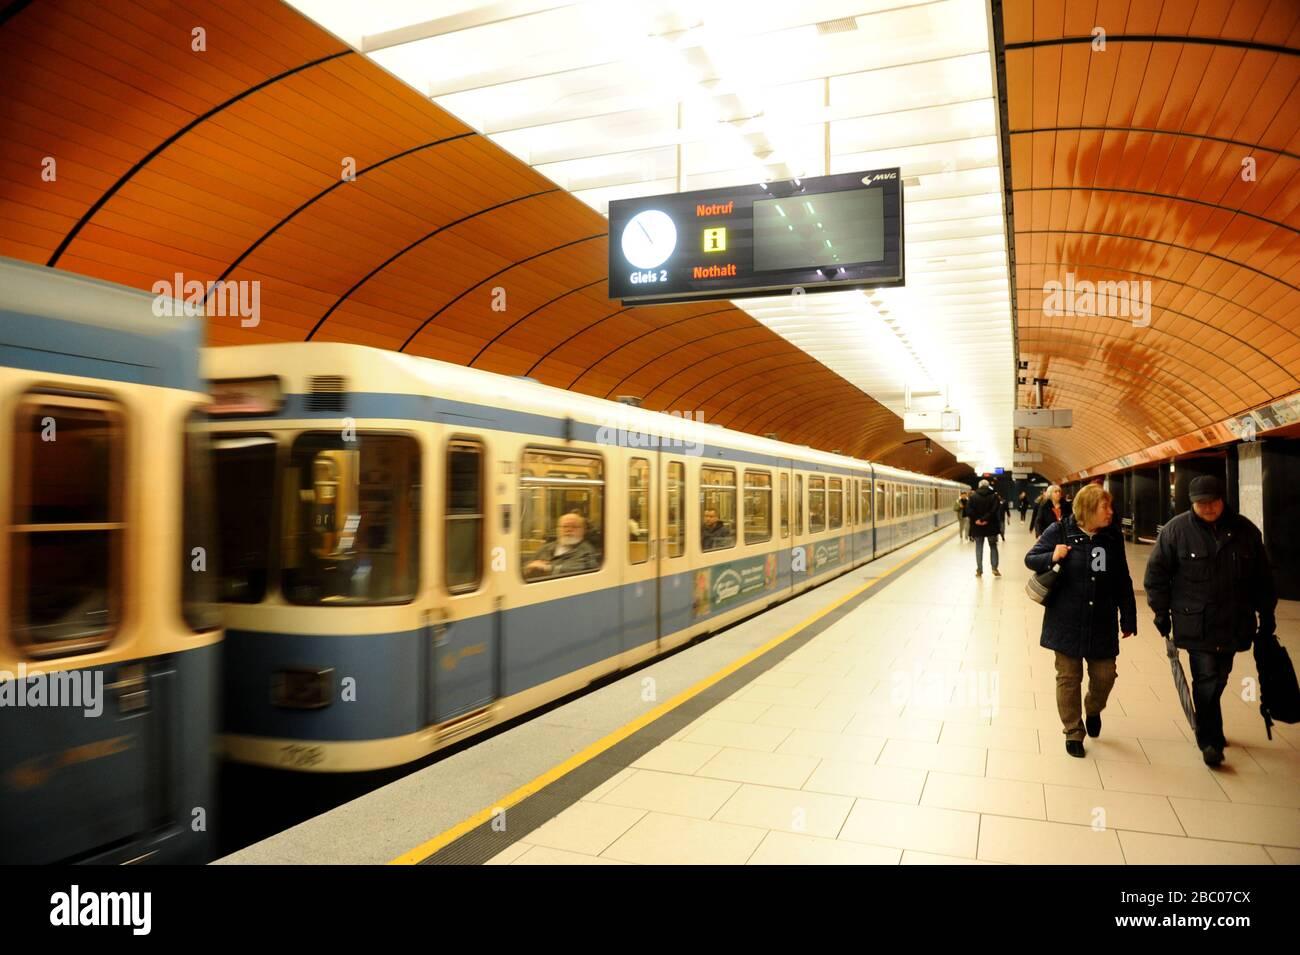 Efectos del virus de la corona: Los túneles y pasillos del metro de Munich están casi vacíos. [traducción automática] Foto de stock